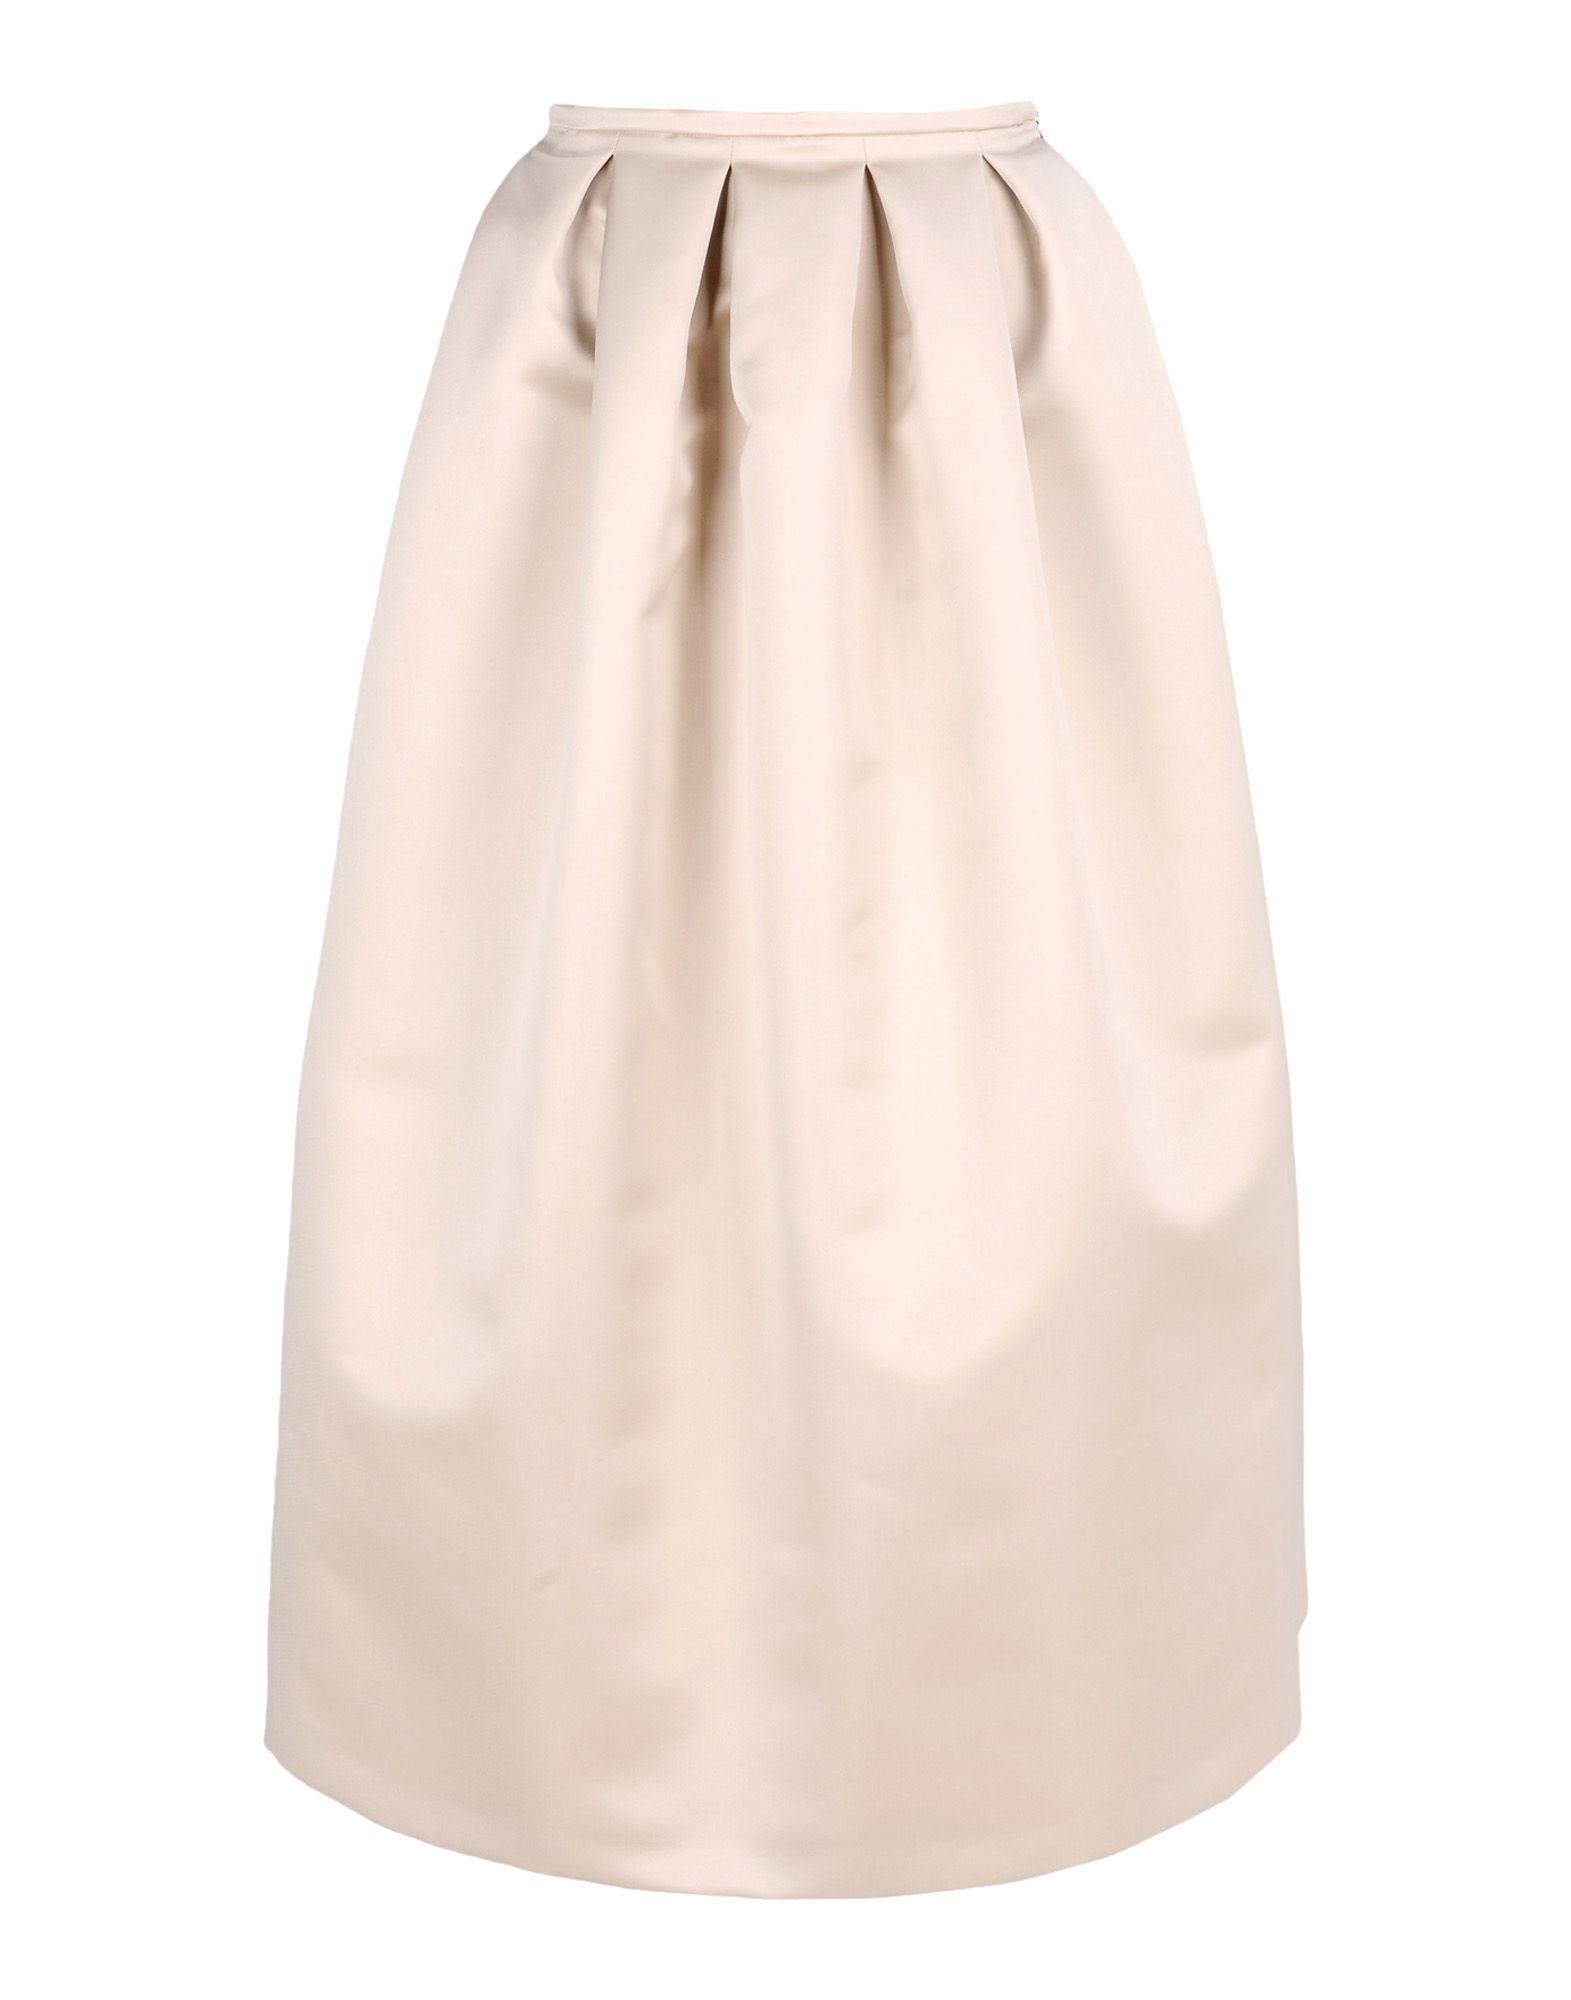 Long Beige Skirt 85